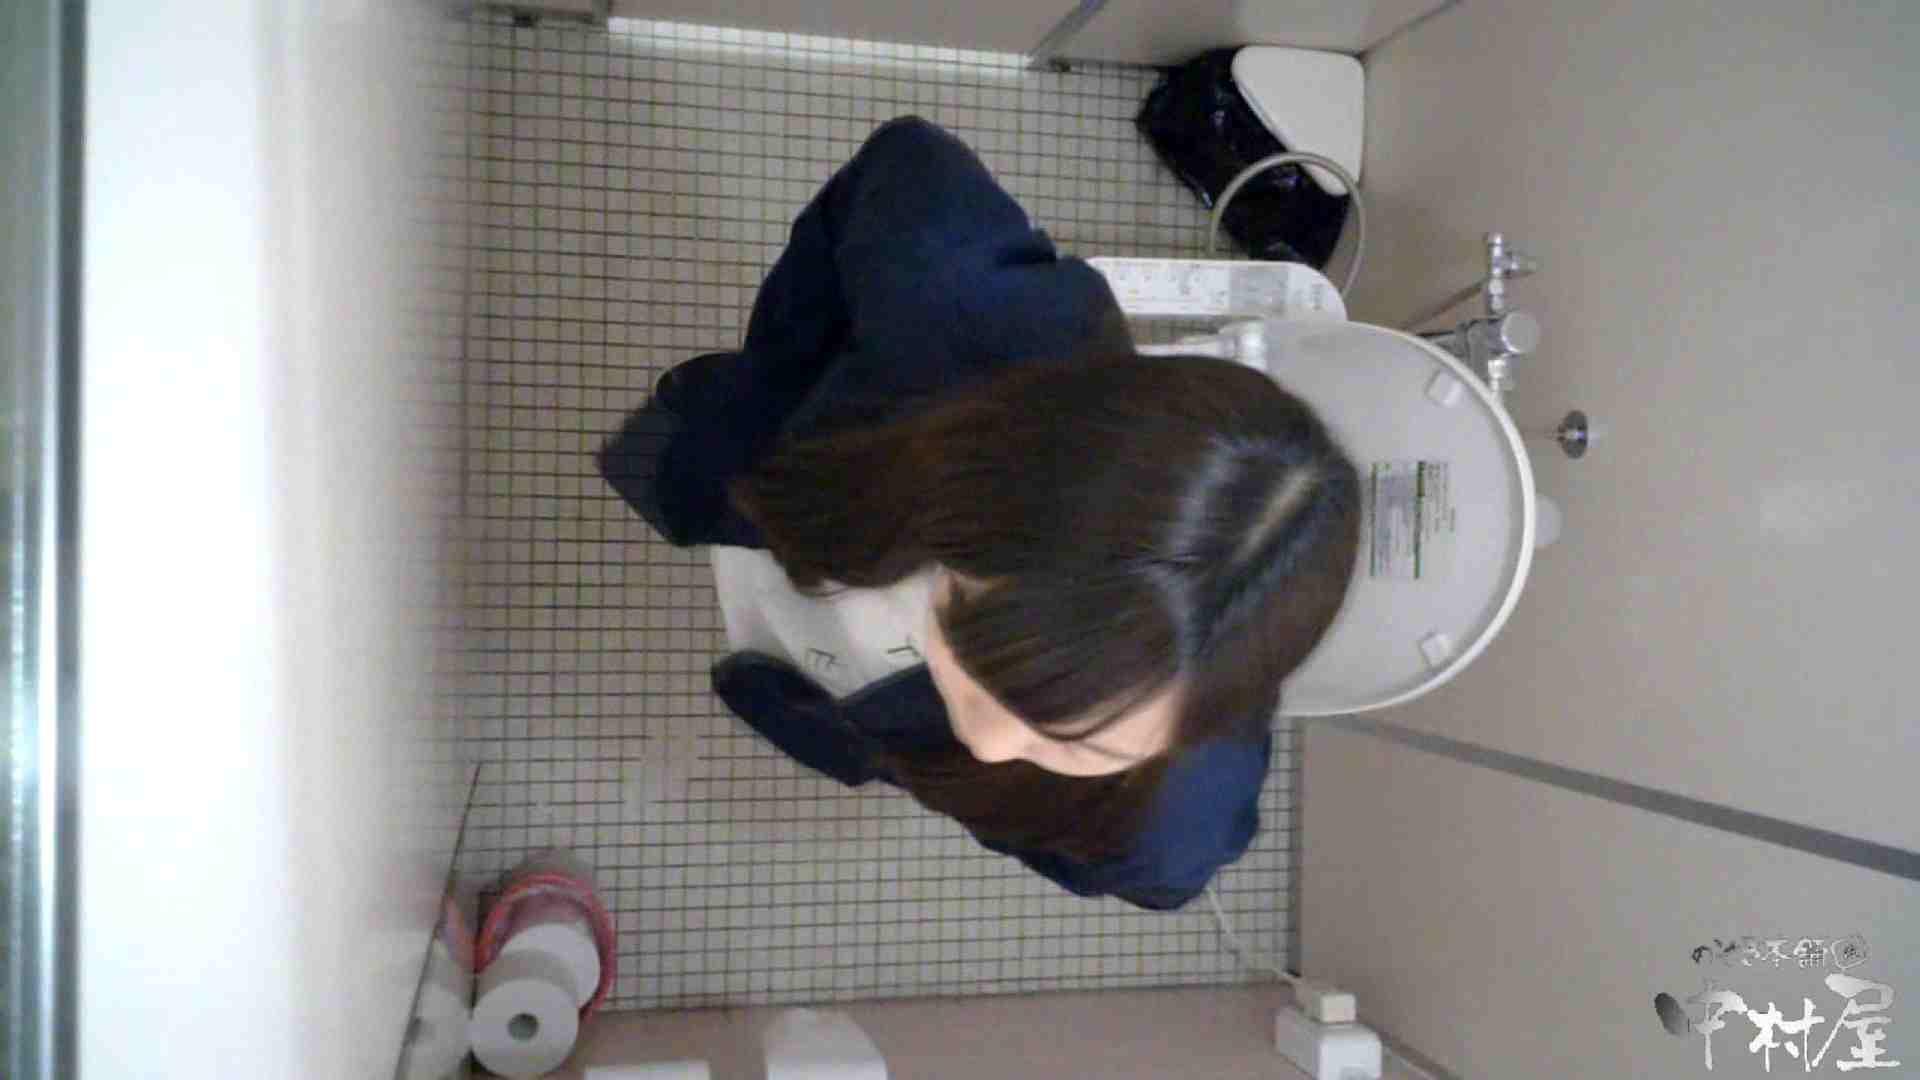 【某有名大学女性洗面所】有名大学女性洗面所 vol.43 いつみても神秘的な世界です。 投稿 アダルト動画キャプチャ 72画像 23